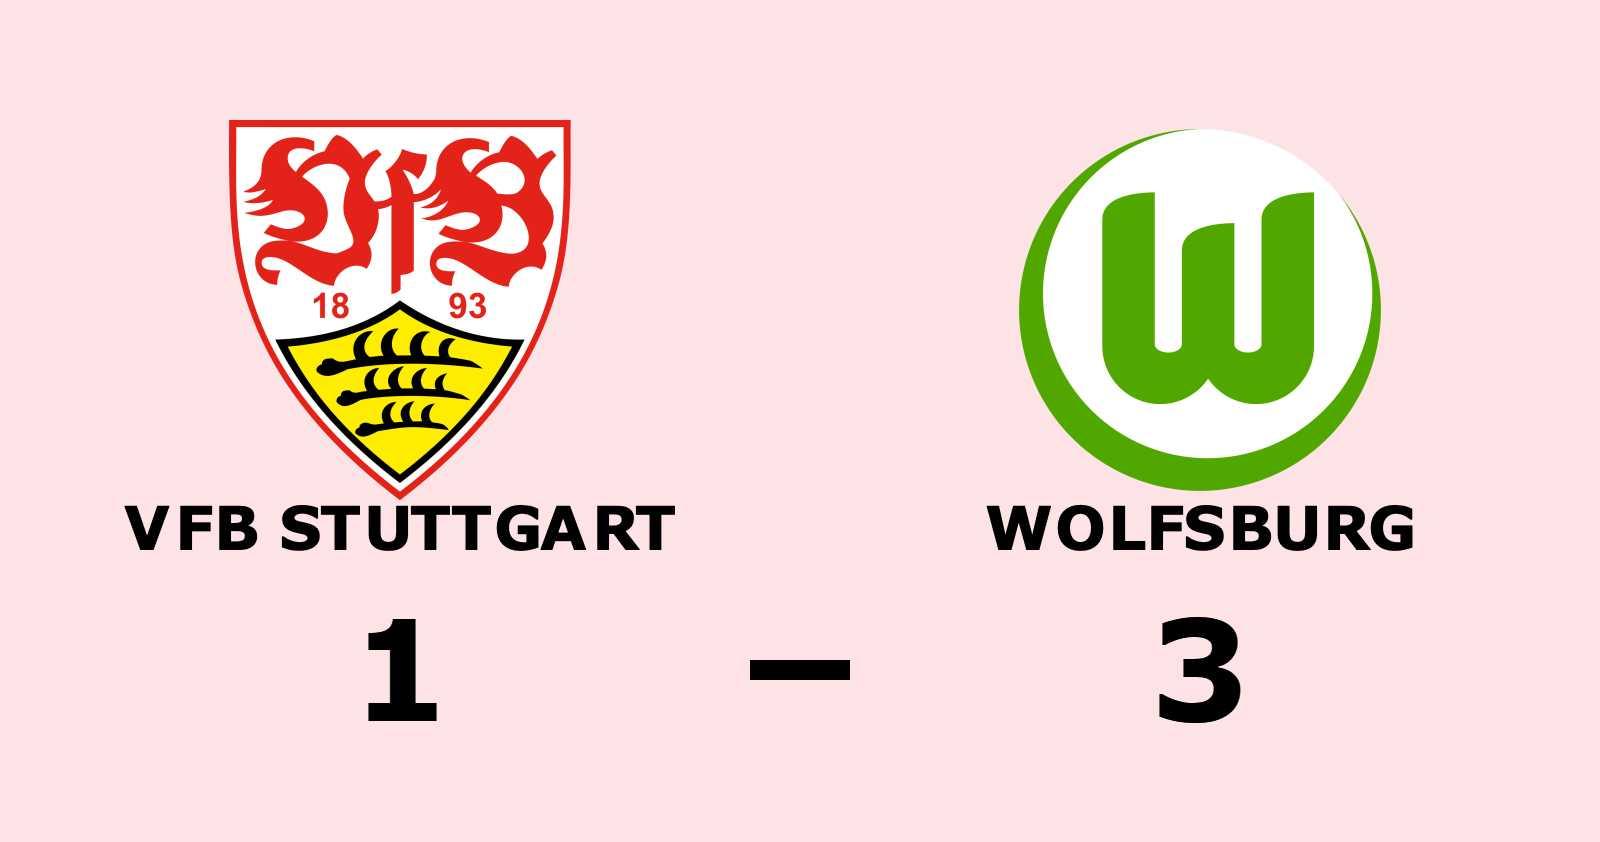 Wolfsburg slog VfB Stuttgart på bortaplan